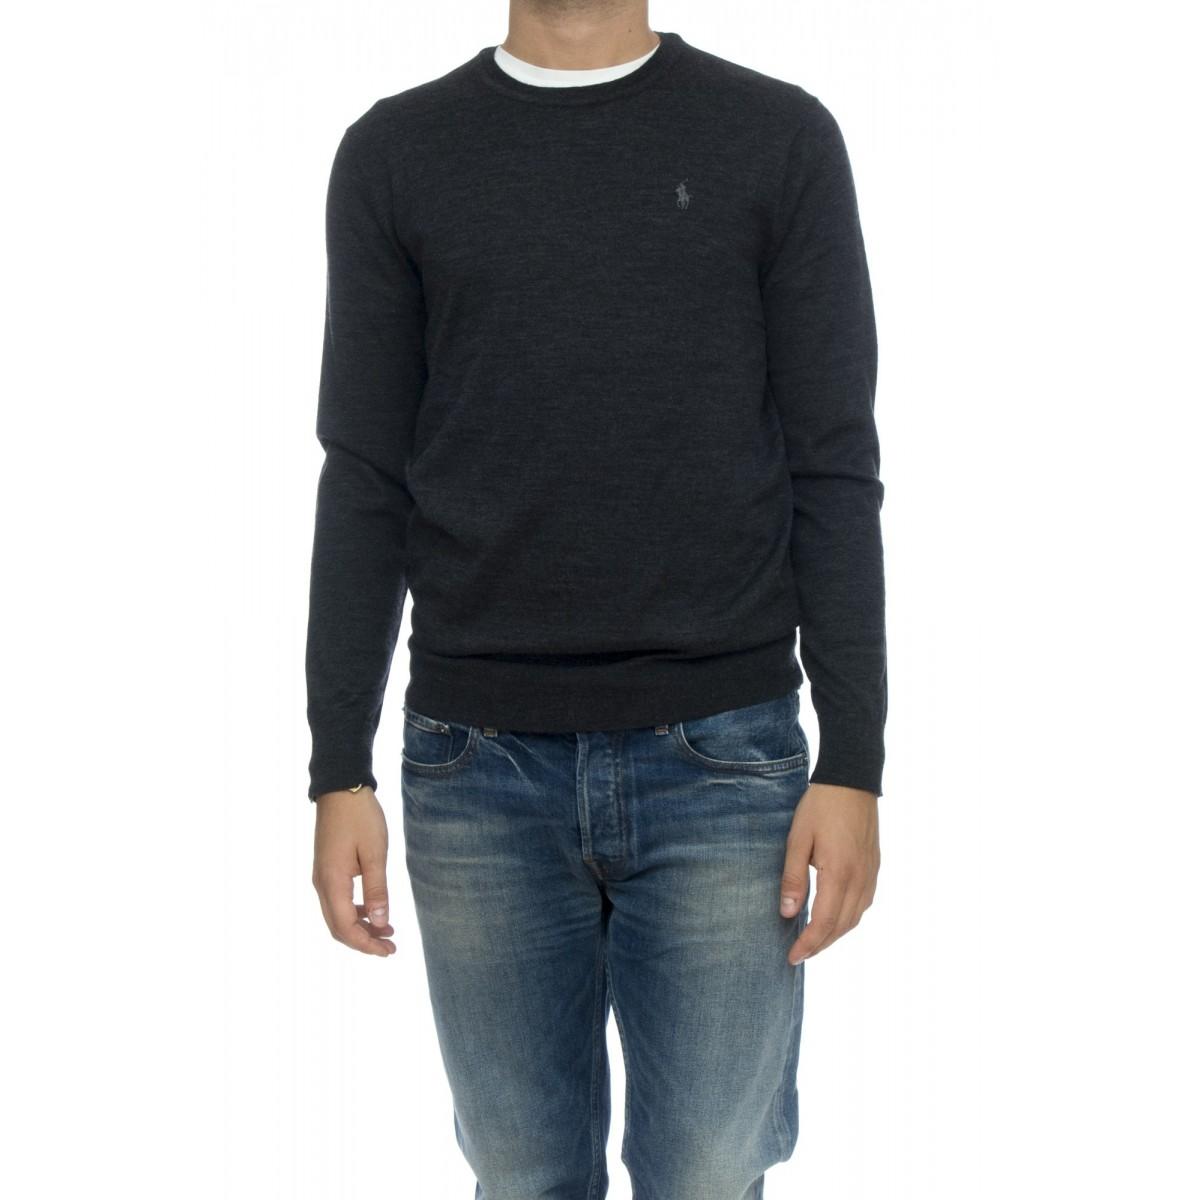 Maglia - 7106670690 maglia giro lana merinos